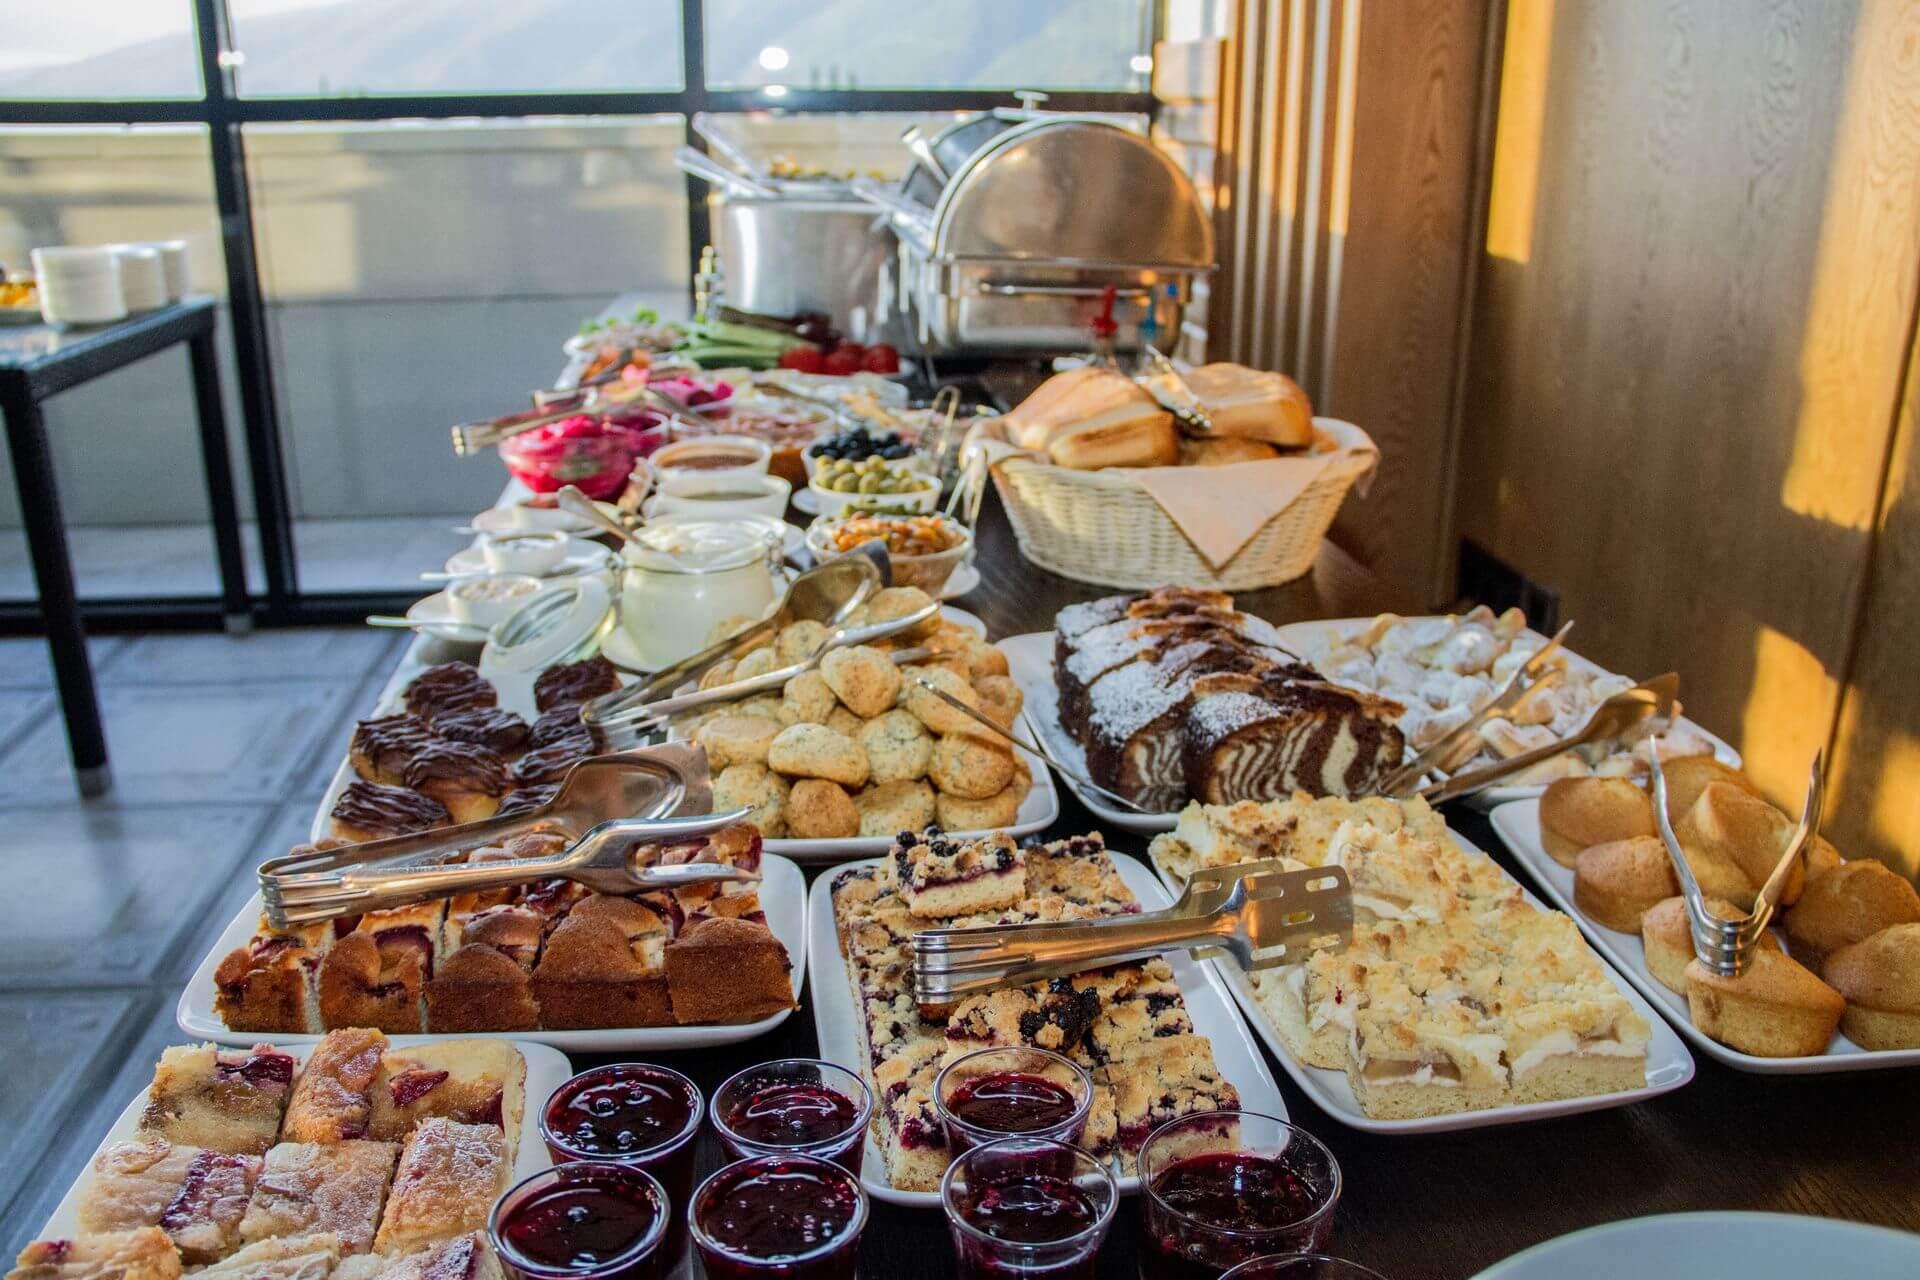 Ресторан шведский стол - Гранд отель Гагра - отель европейского уровня в Абхазии (Grand Hotel Gagra)